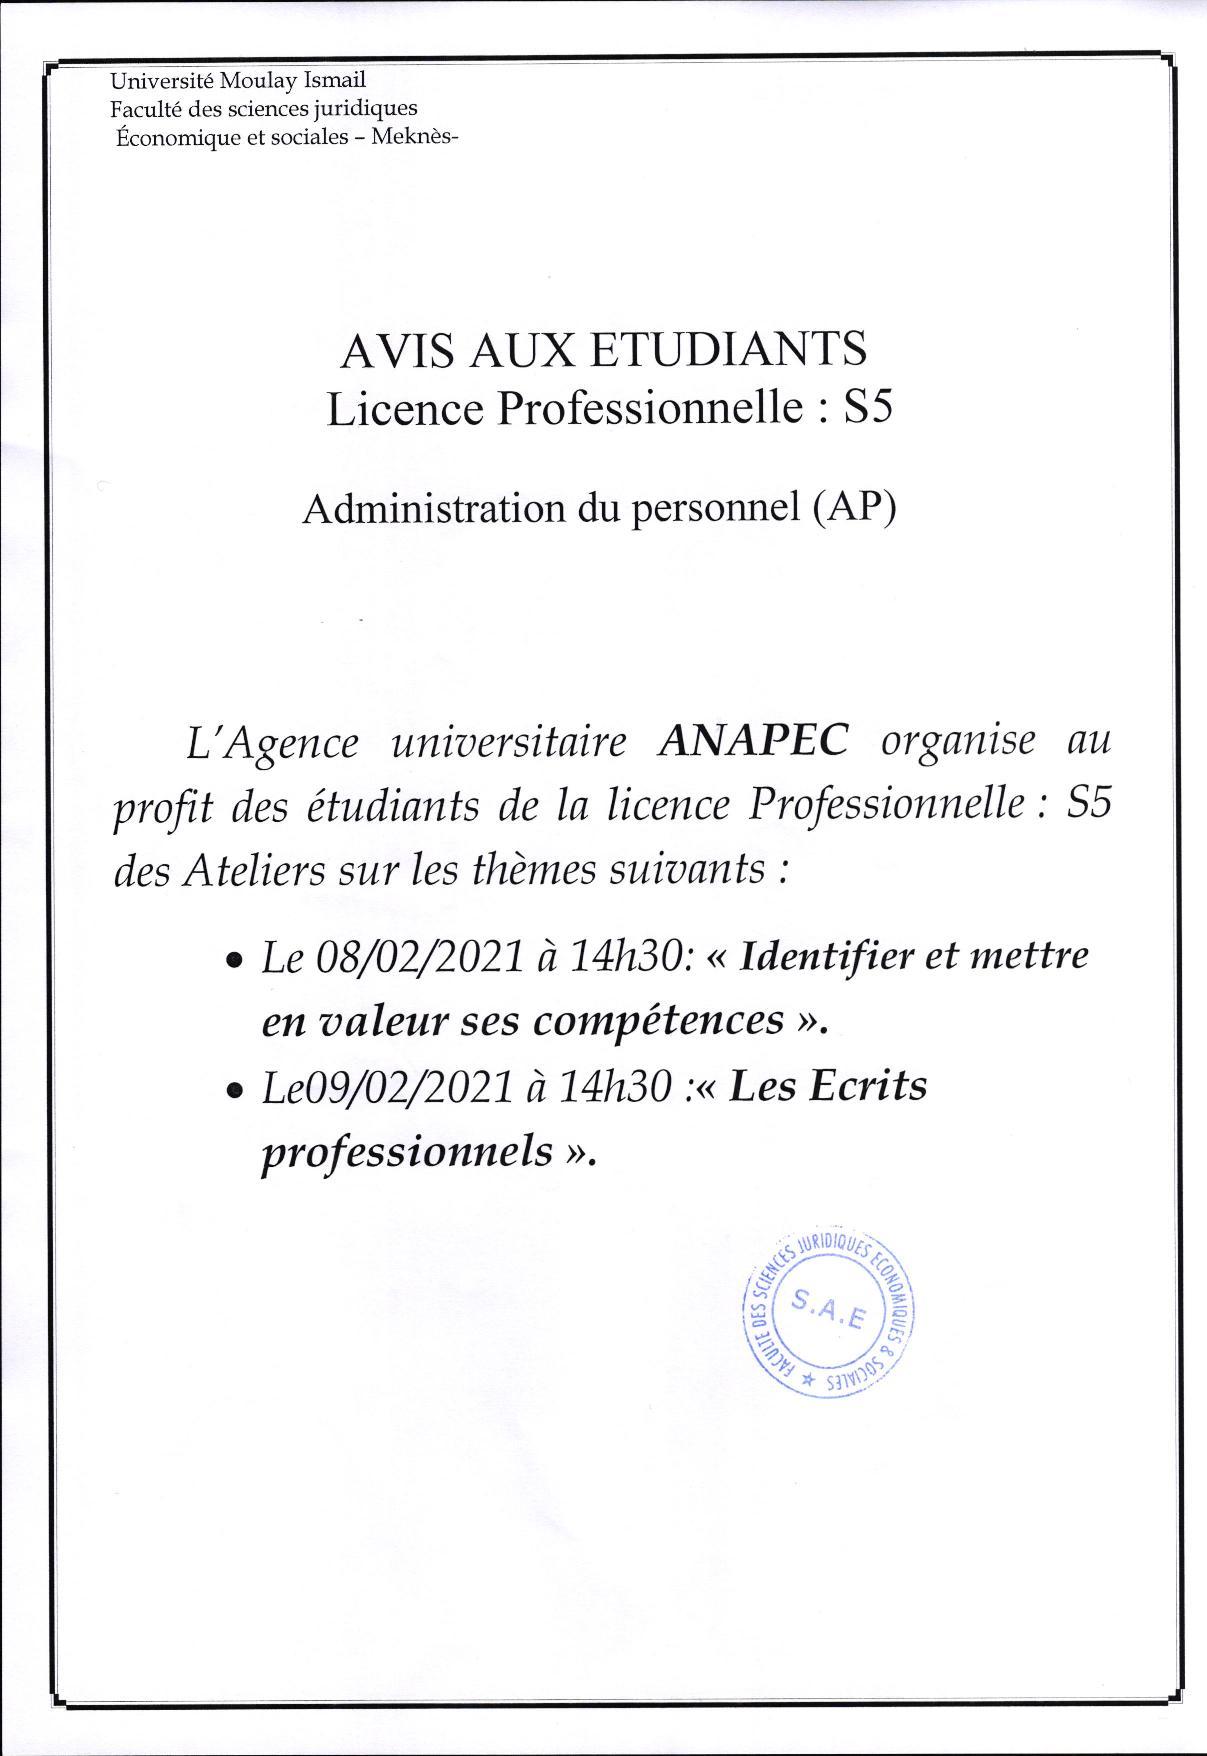 AVIS AUX ÉTUDIANTS LICENCE PROFESSIONNELLE : ADMINISTRATION DU PERSONNEL (AP)